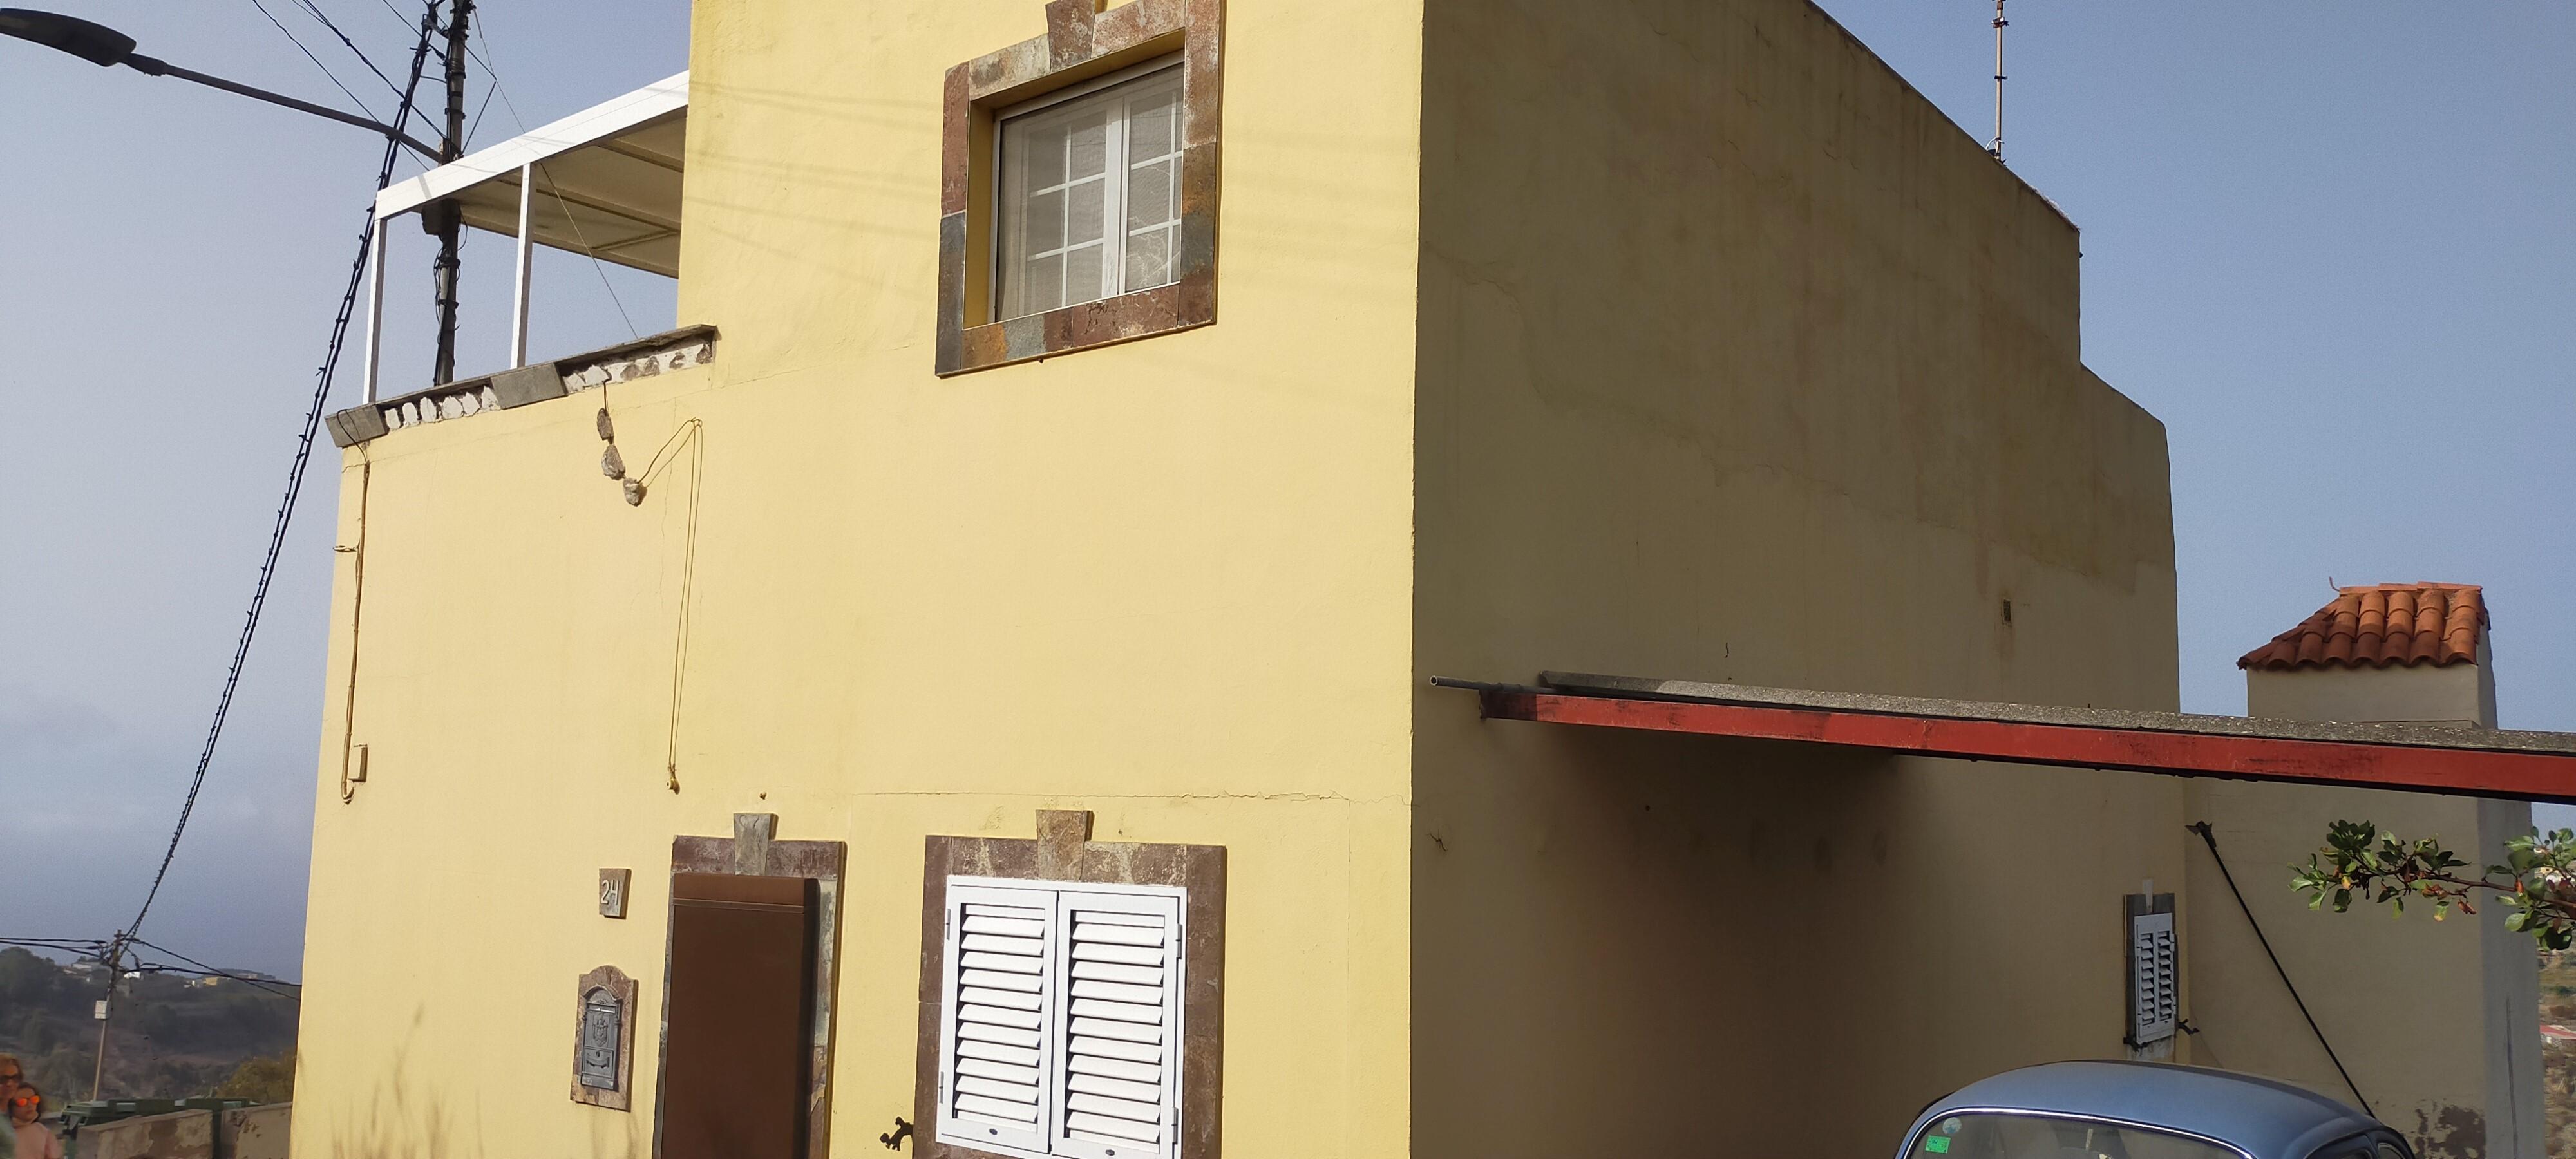 Piso en venta en Tres Palmas, Santa María de Guía de Gran Canaria, Las Palmas, Calle los Desaguaderos, 62.000 €, 3 habitaciones, 2 baños, 97 m2